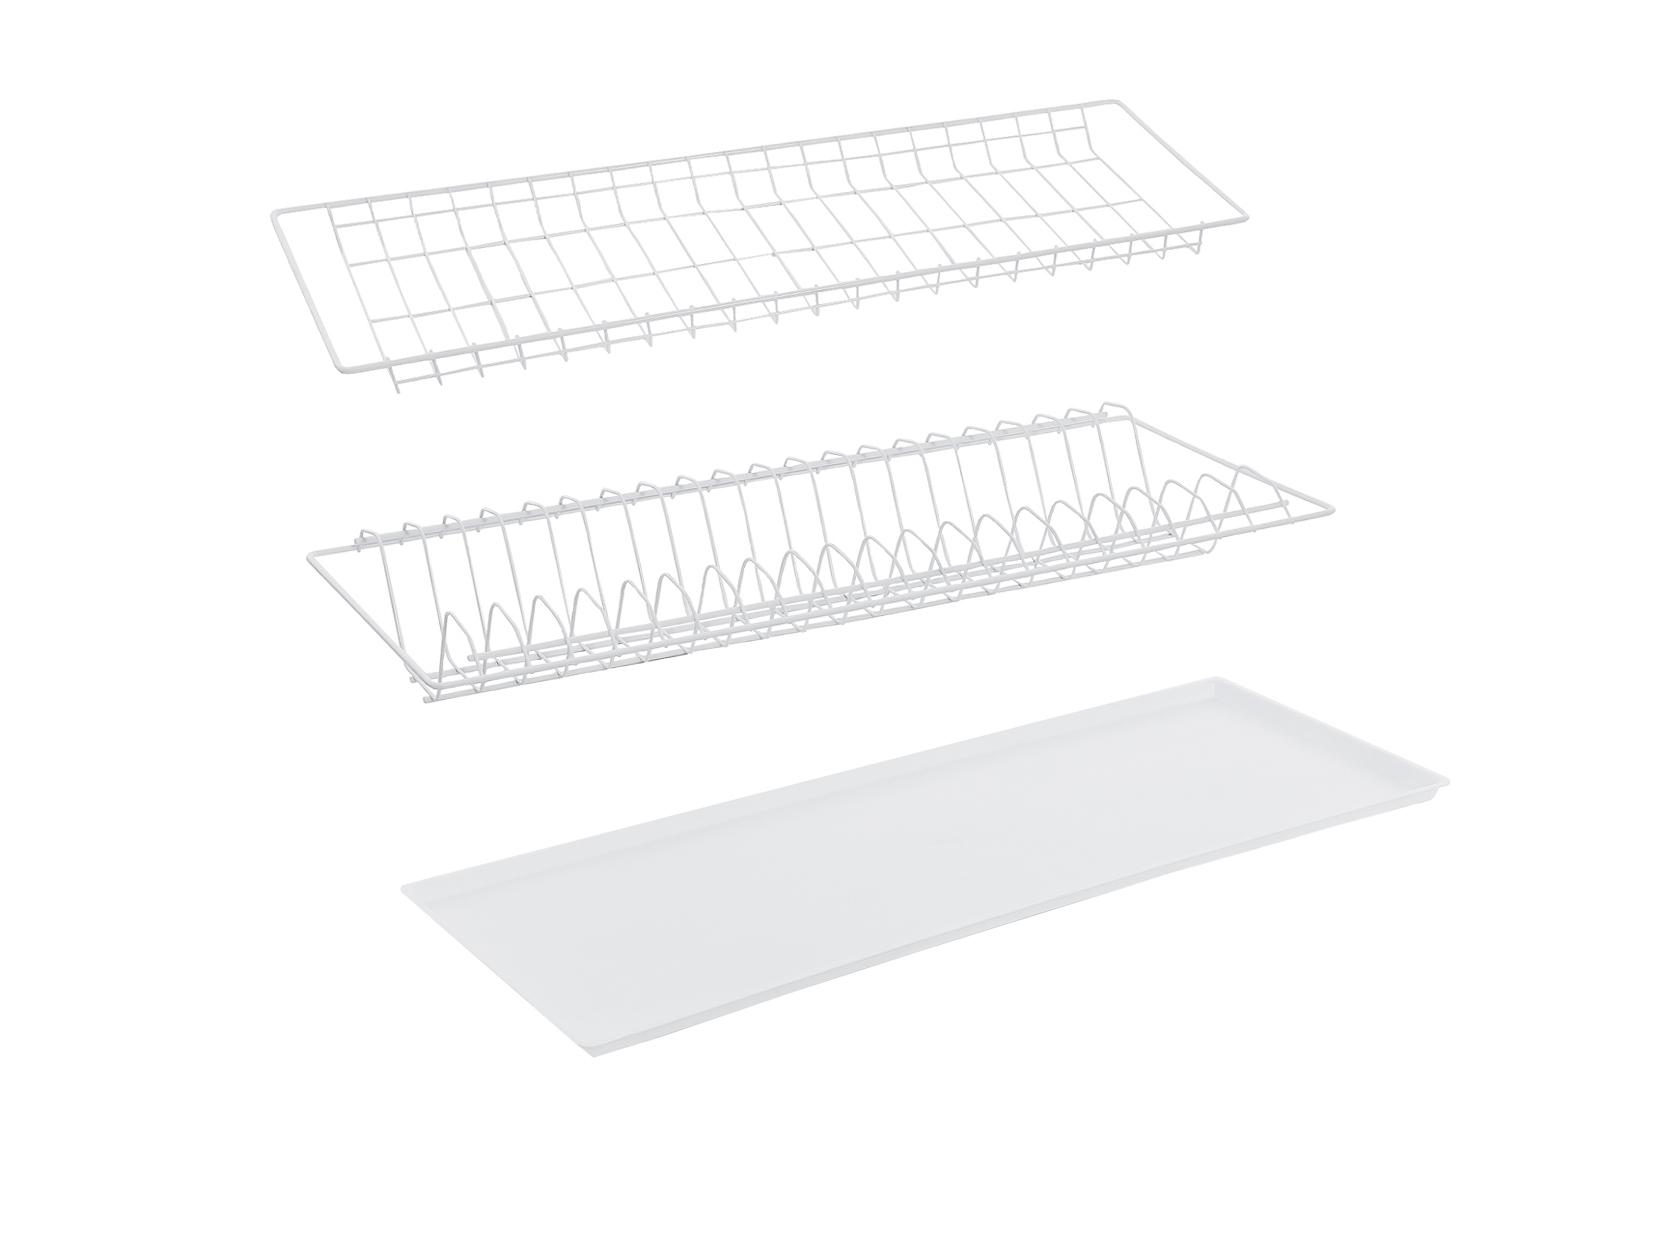 Сушилка для посуды Сокол Сушилка (с поддоном) 765 мм белая сушилка для посуды мультидом с поддоном